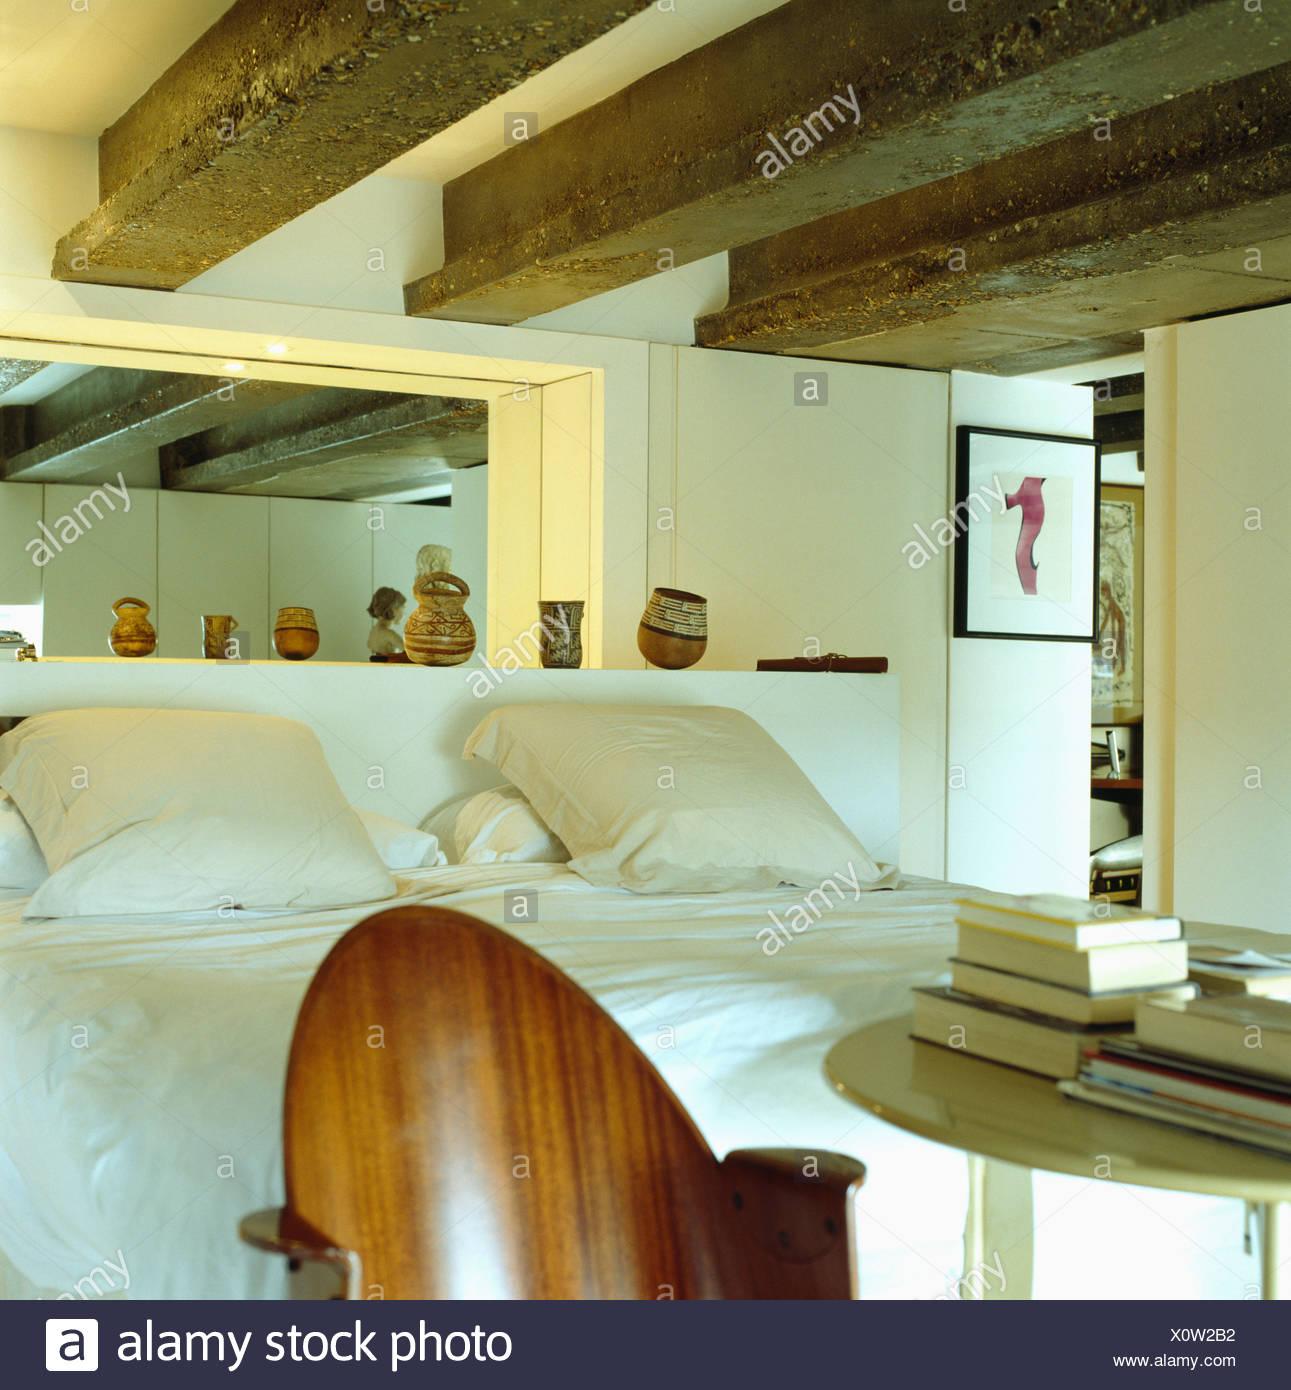 Moderne Möbel Im Traditionellen Landhausstil Schlafzimmer Mit Balkendecke  Und Weiße Bettwäsche